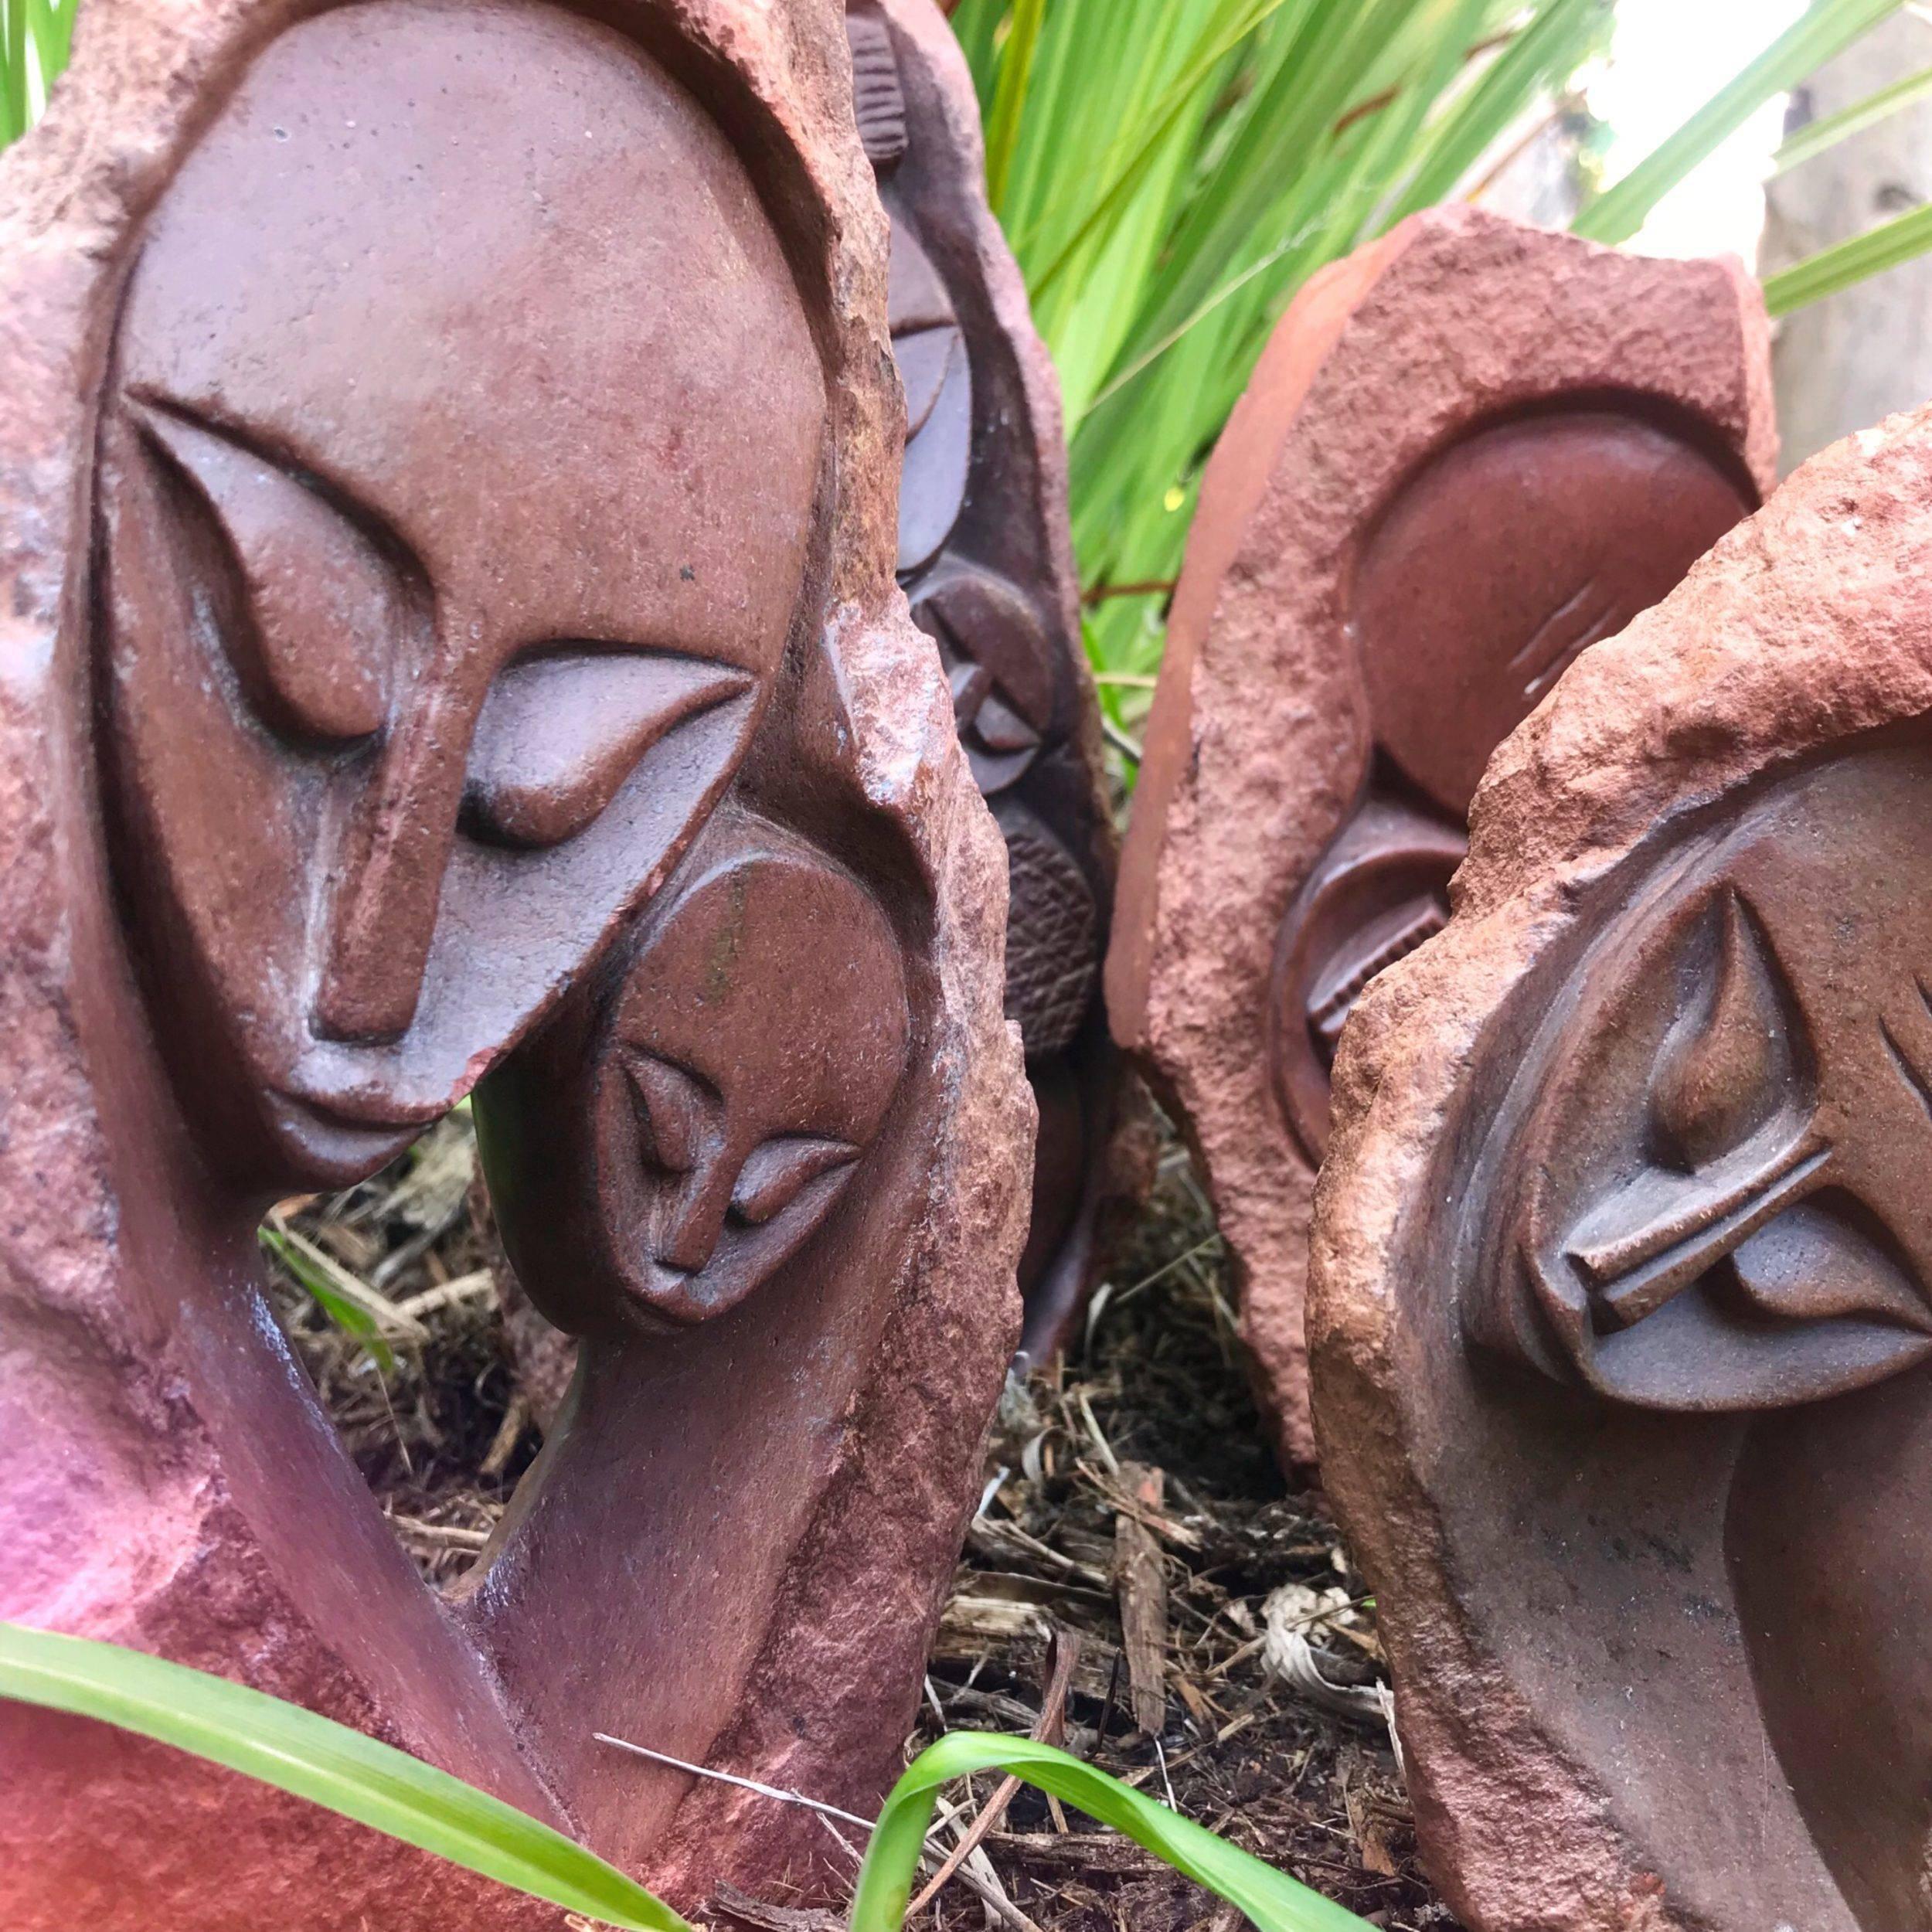 Mhondoro_Sculptures_2of3_8_25